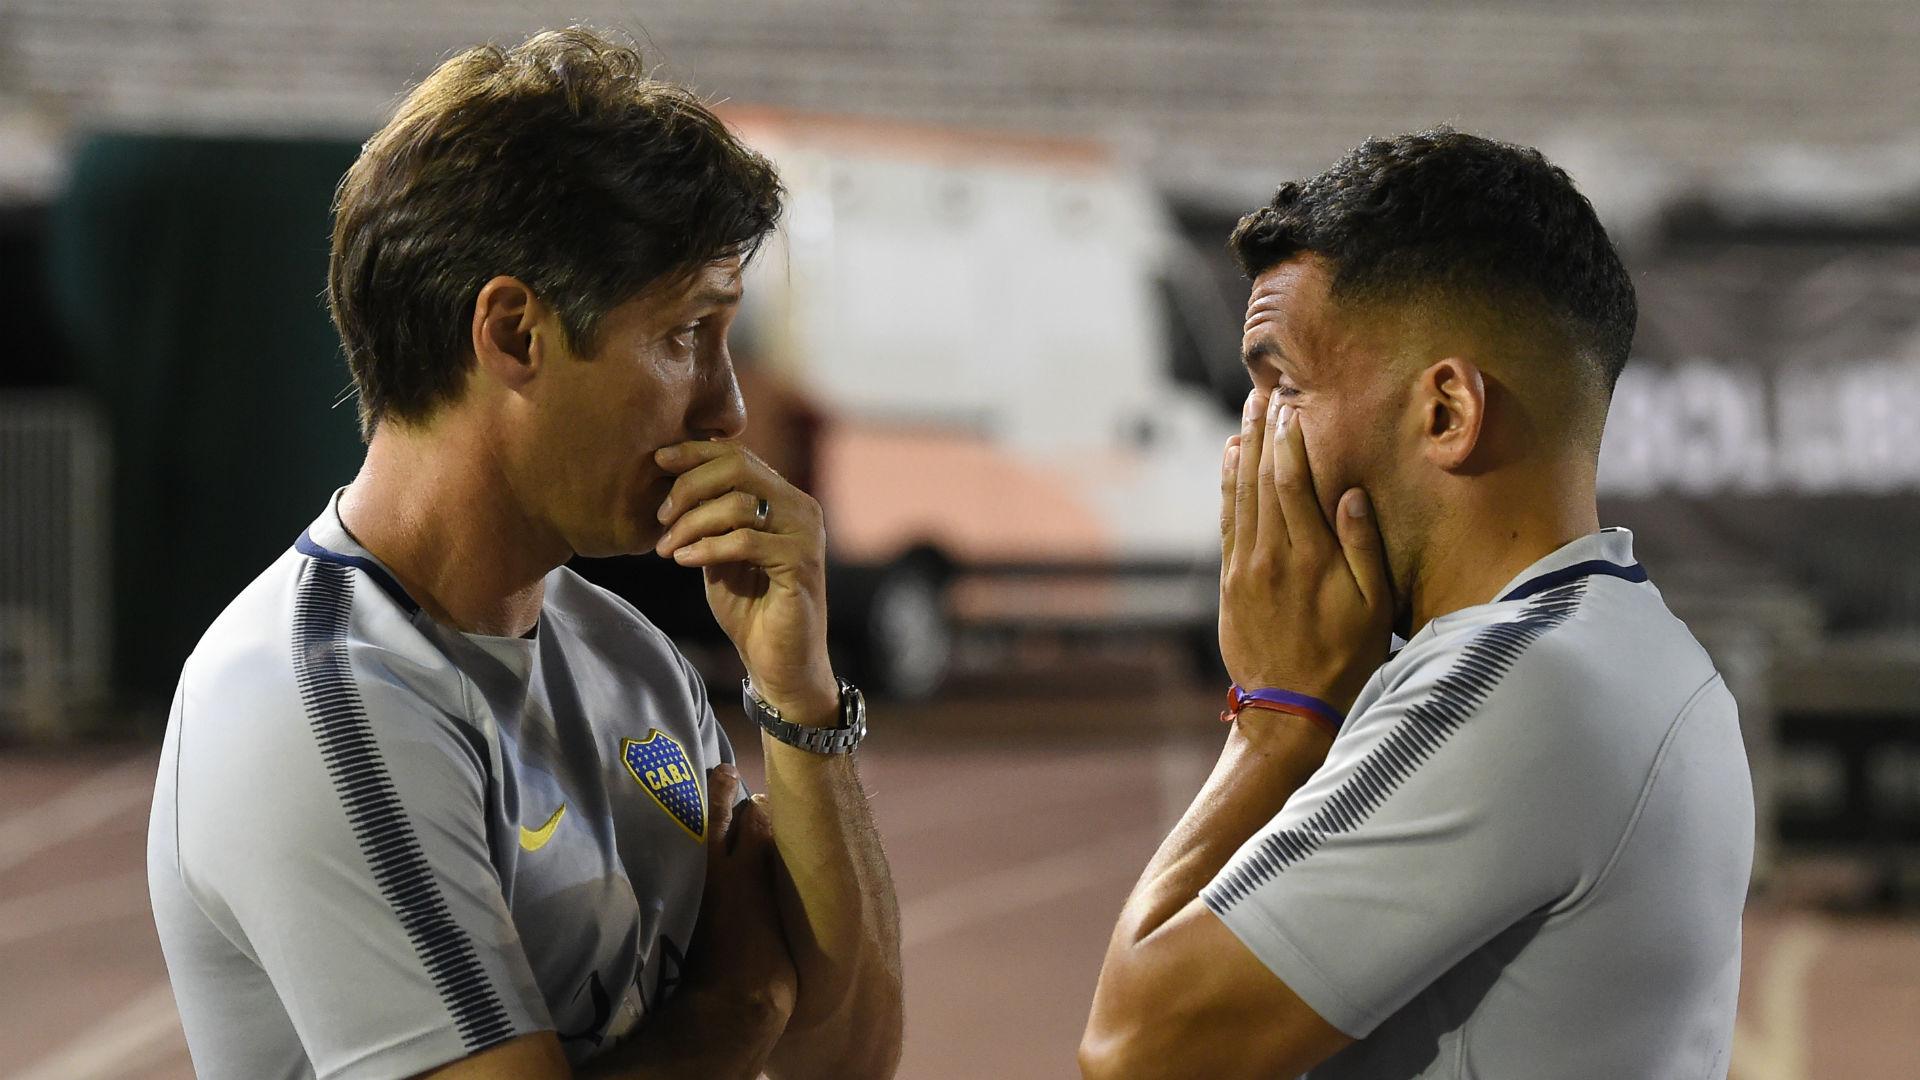 Copa Libertadores final between River Plate and Boca Juniors postponed: CONMEBOL